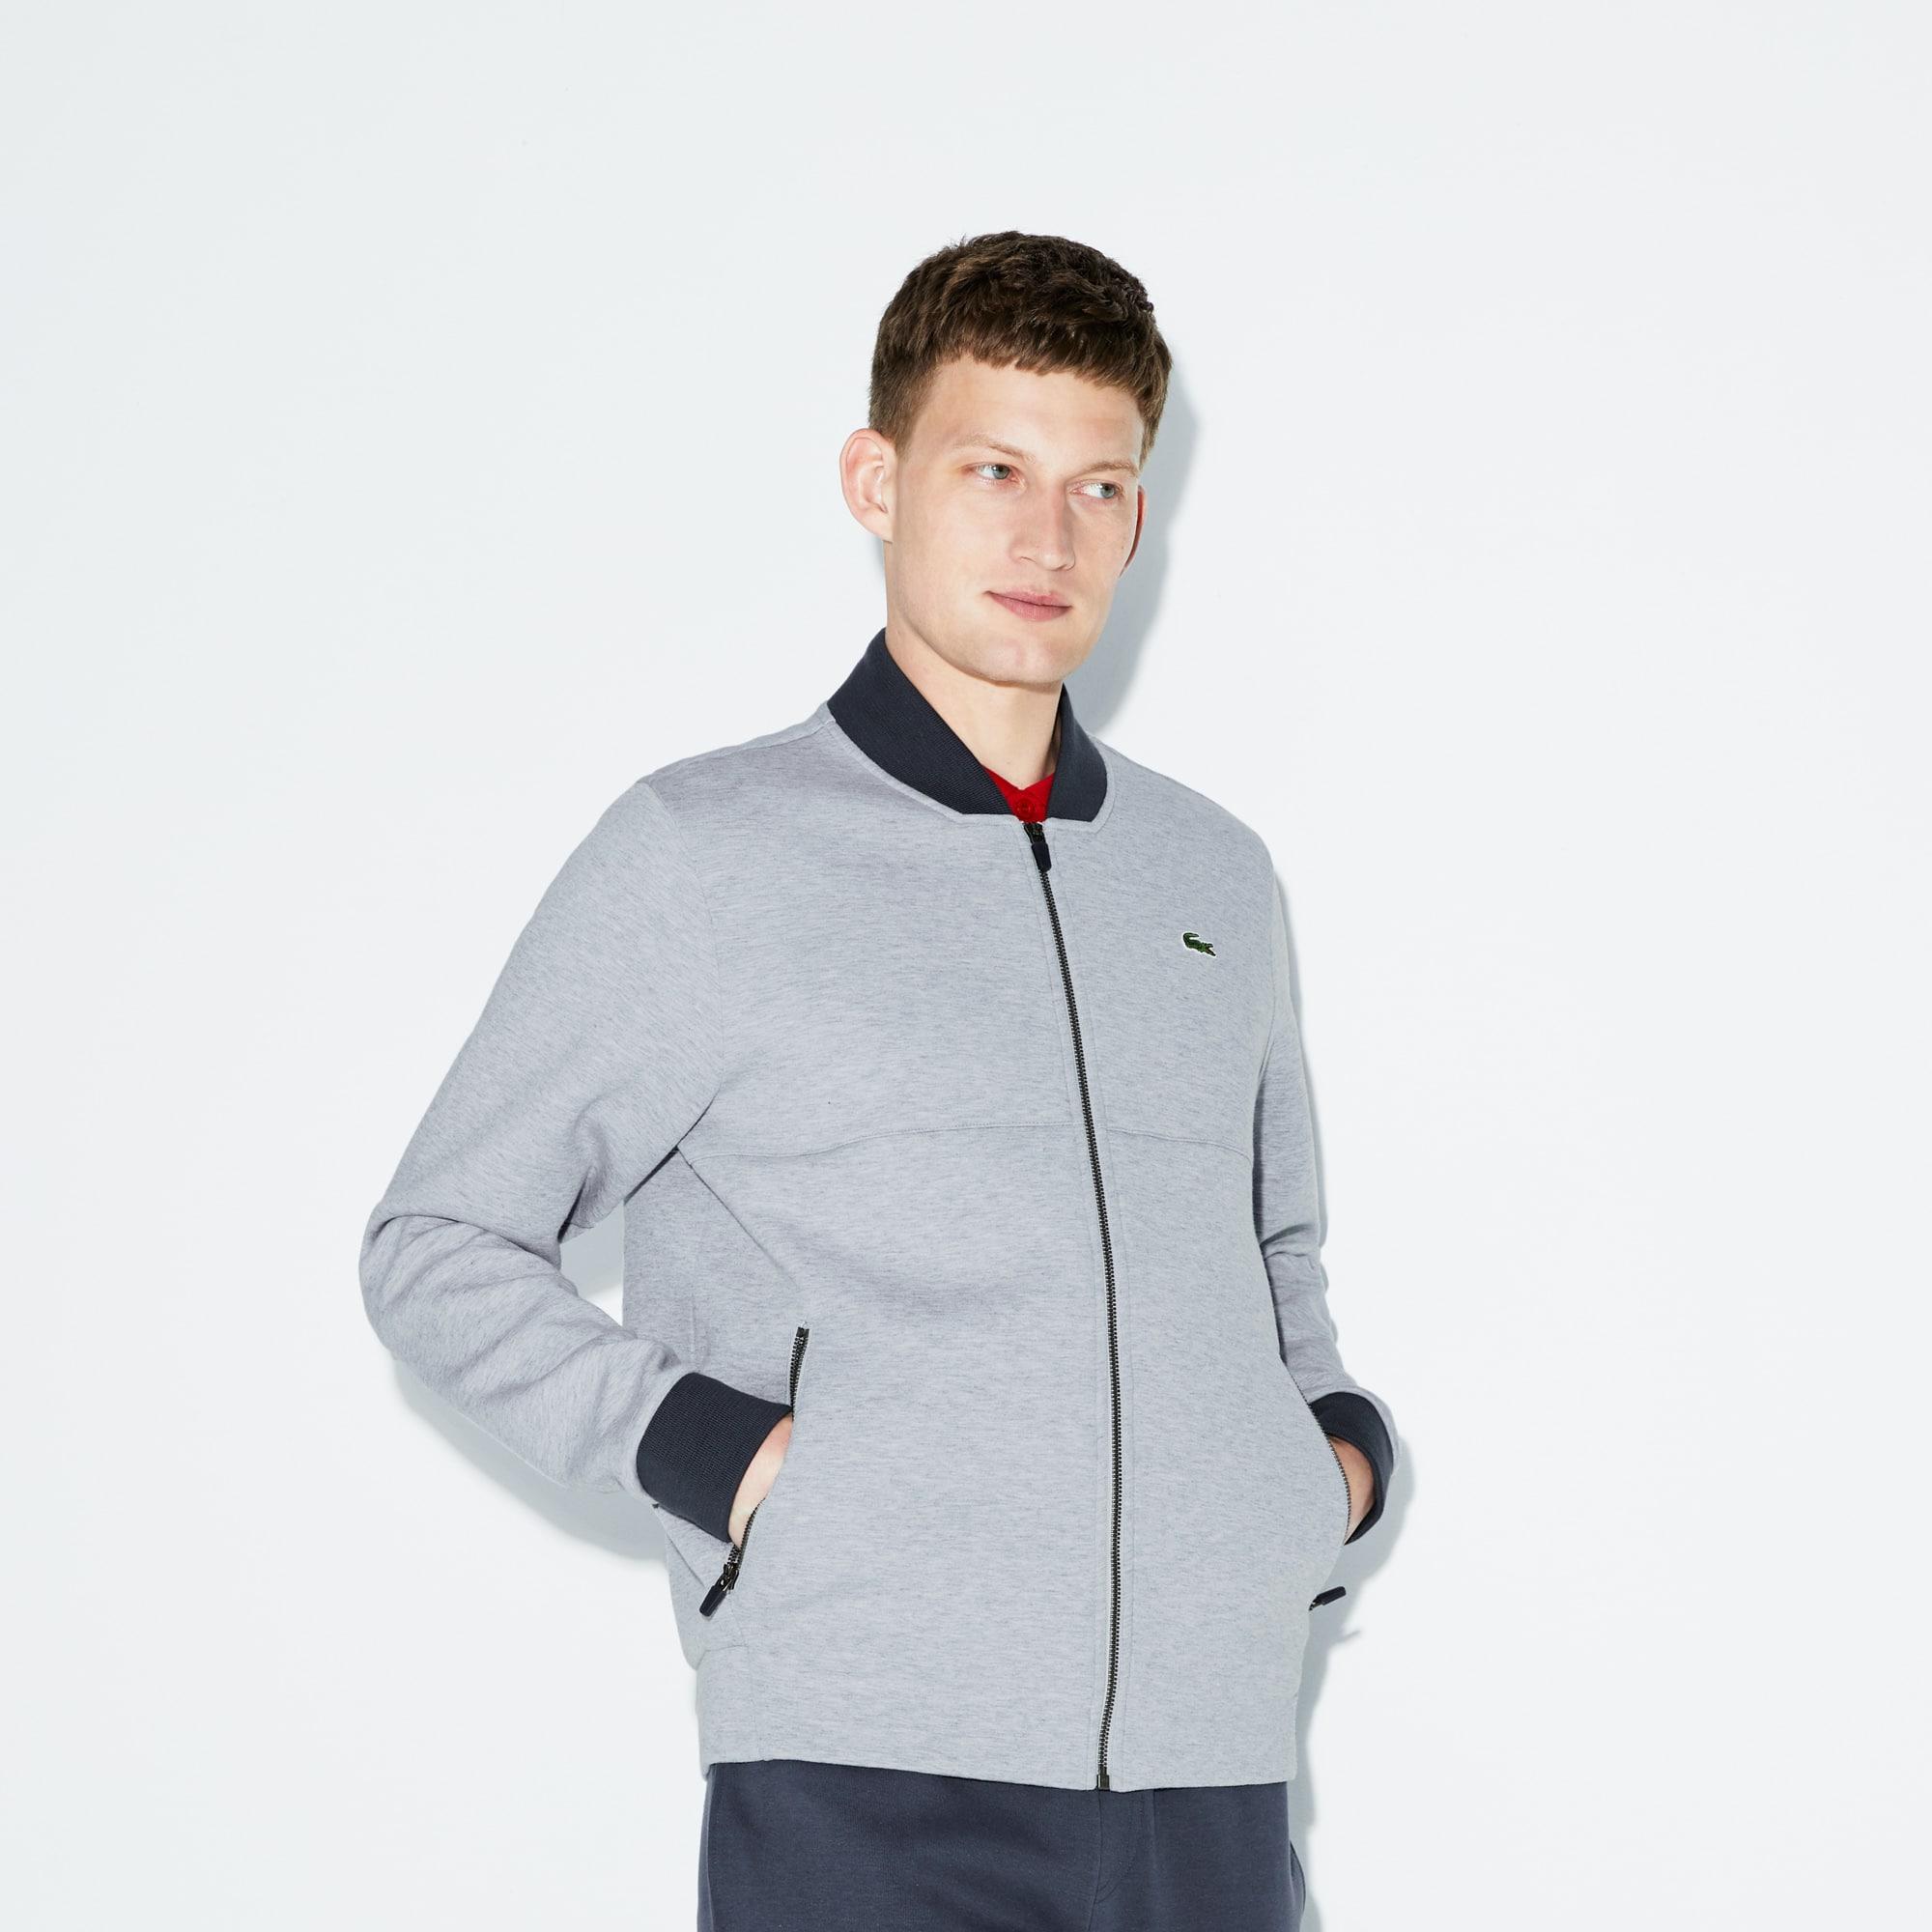 Herren LACOSTE SPORT Sweatshirt-Jacke mit Bananakragen